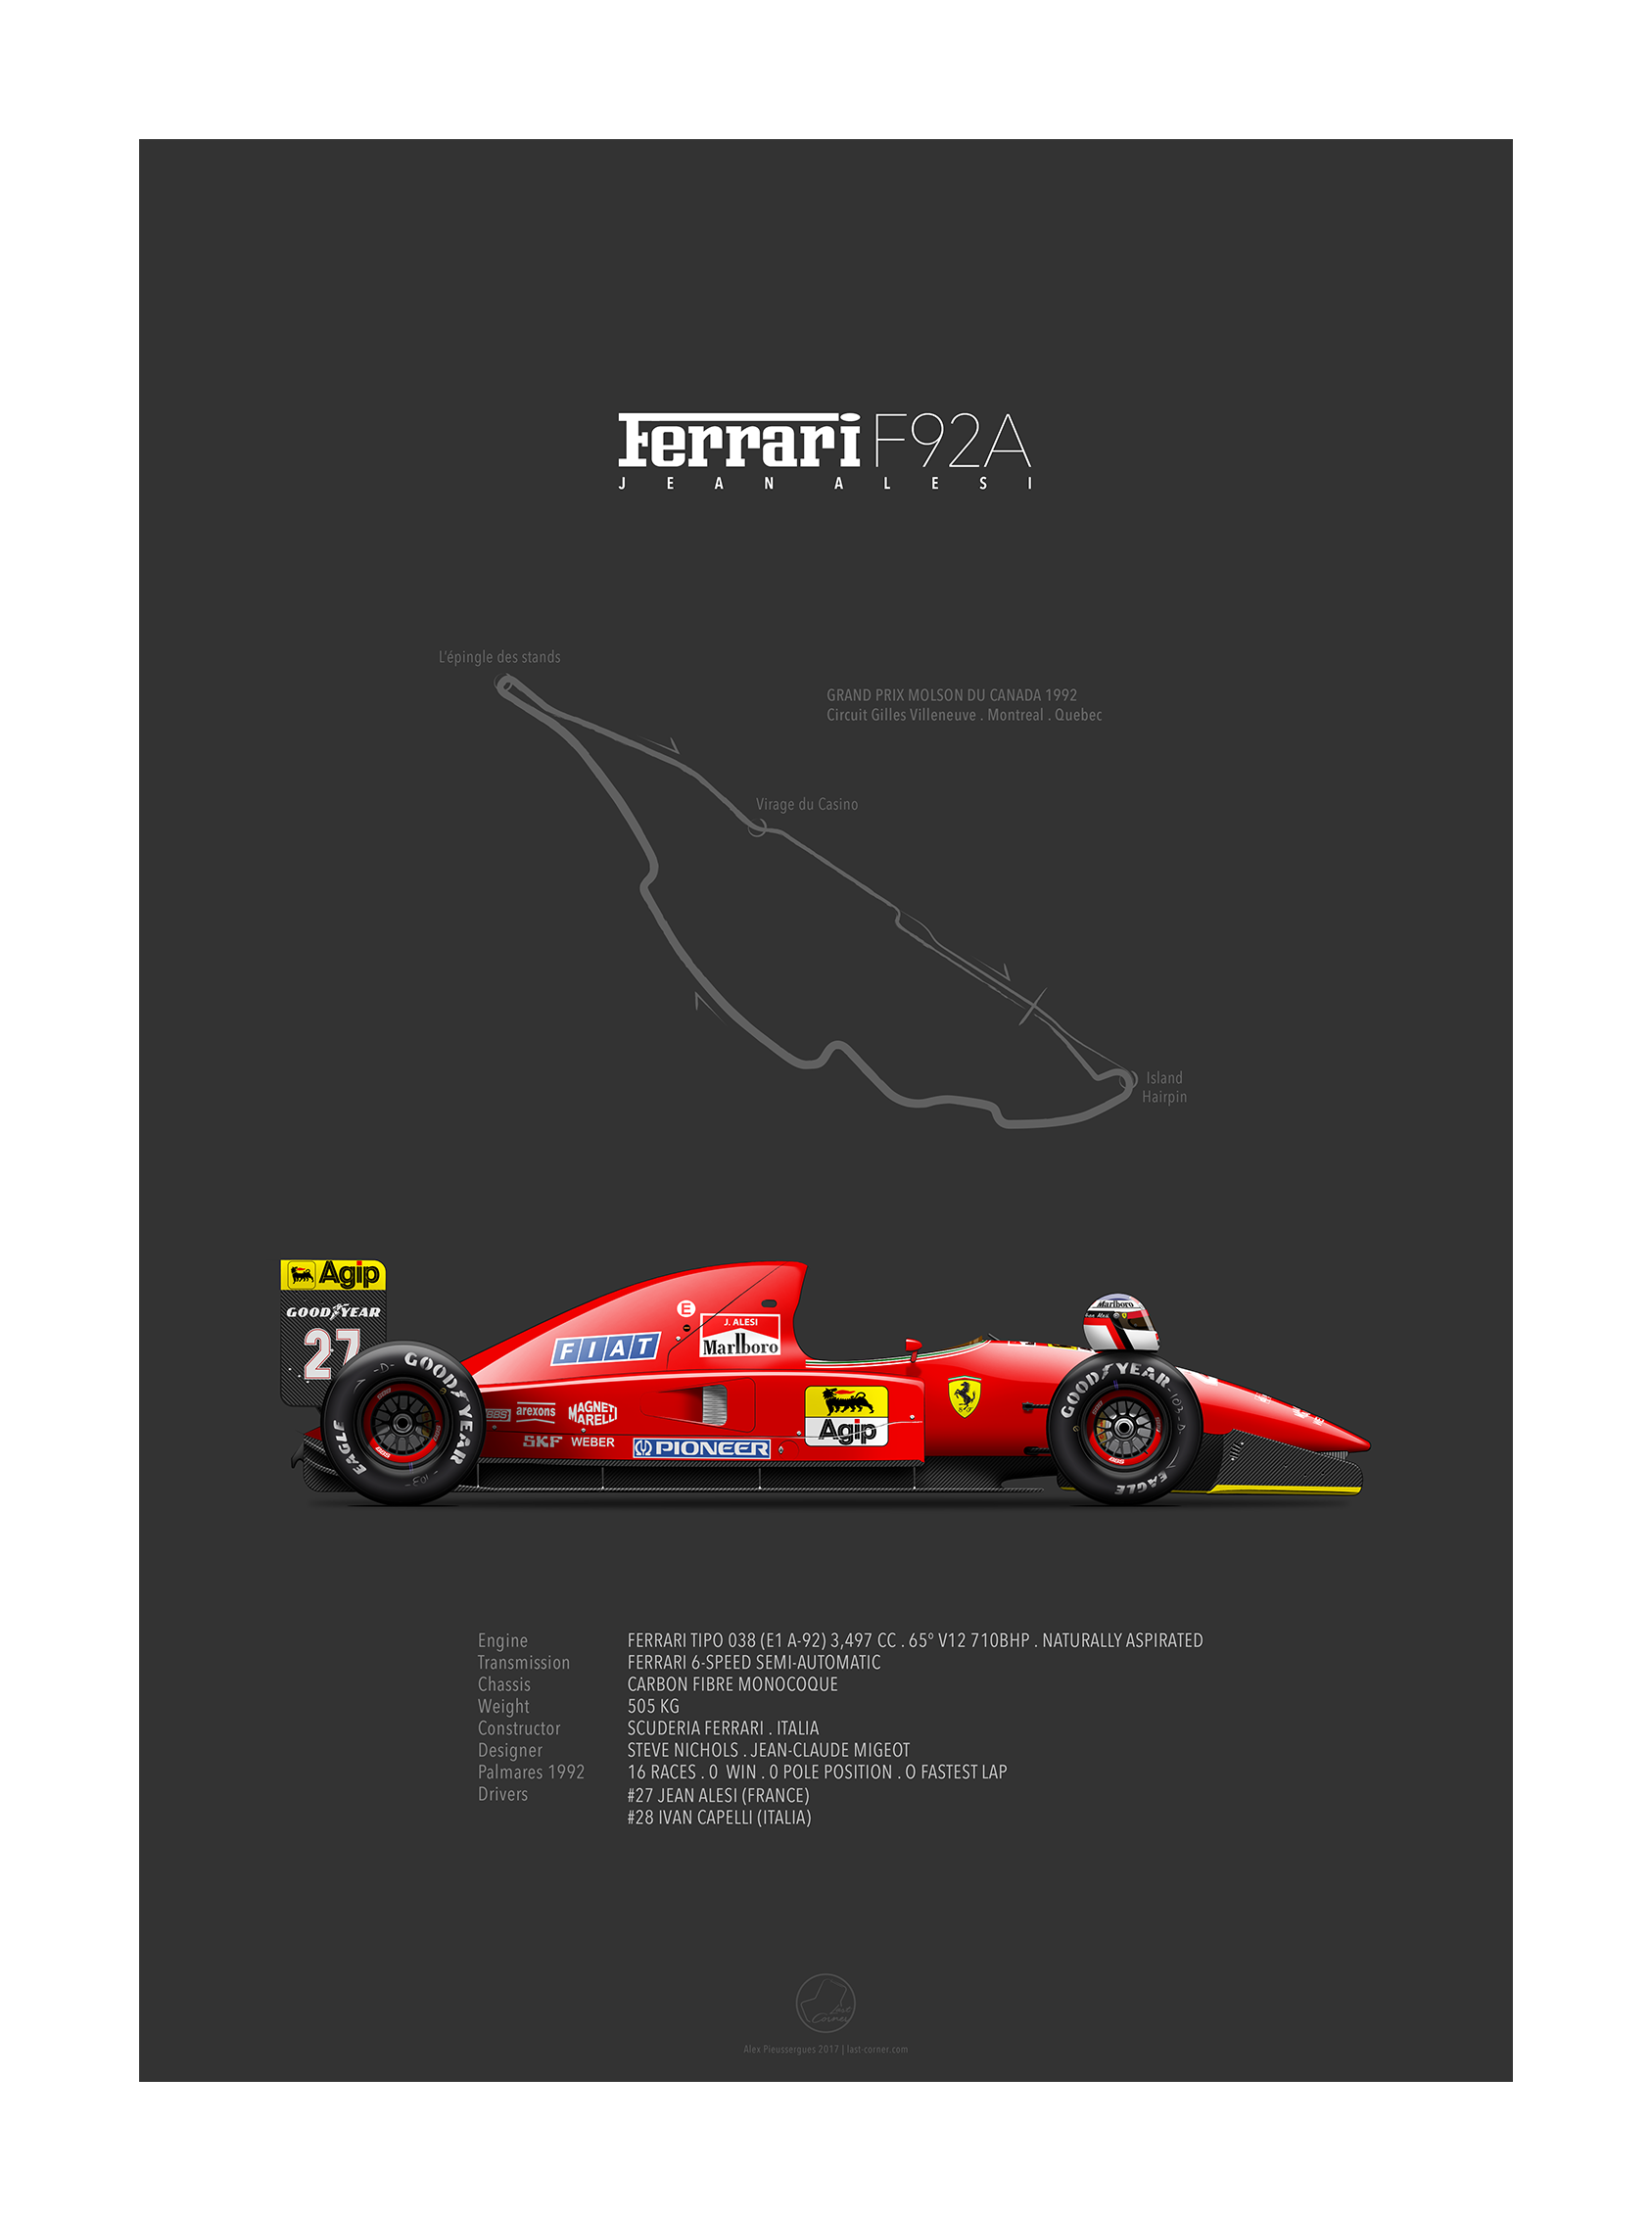 Pin Oleh Mark French Di Race Cars Di 2021